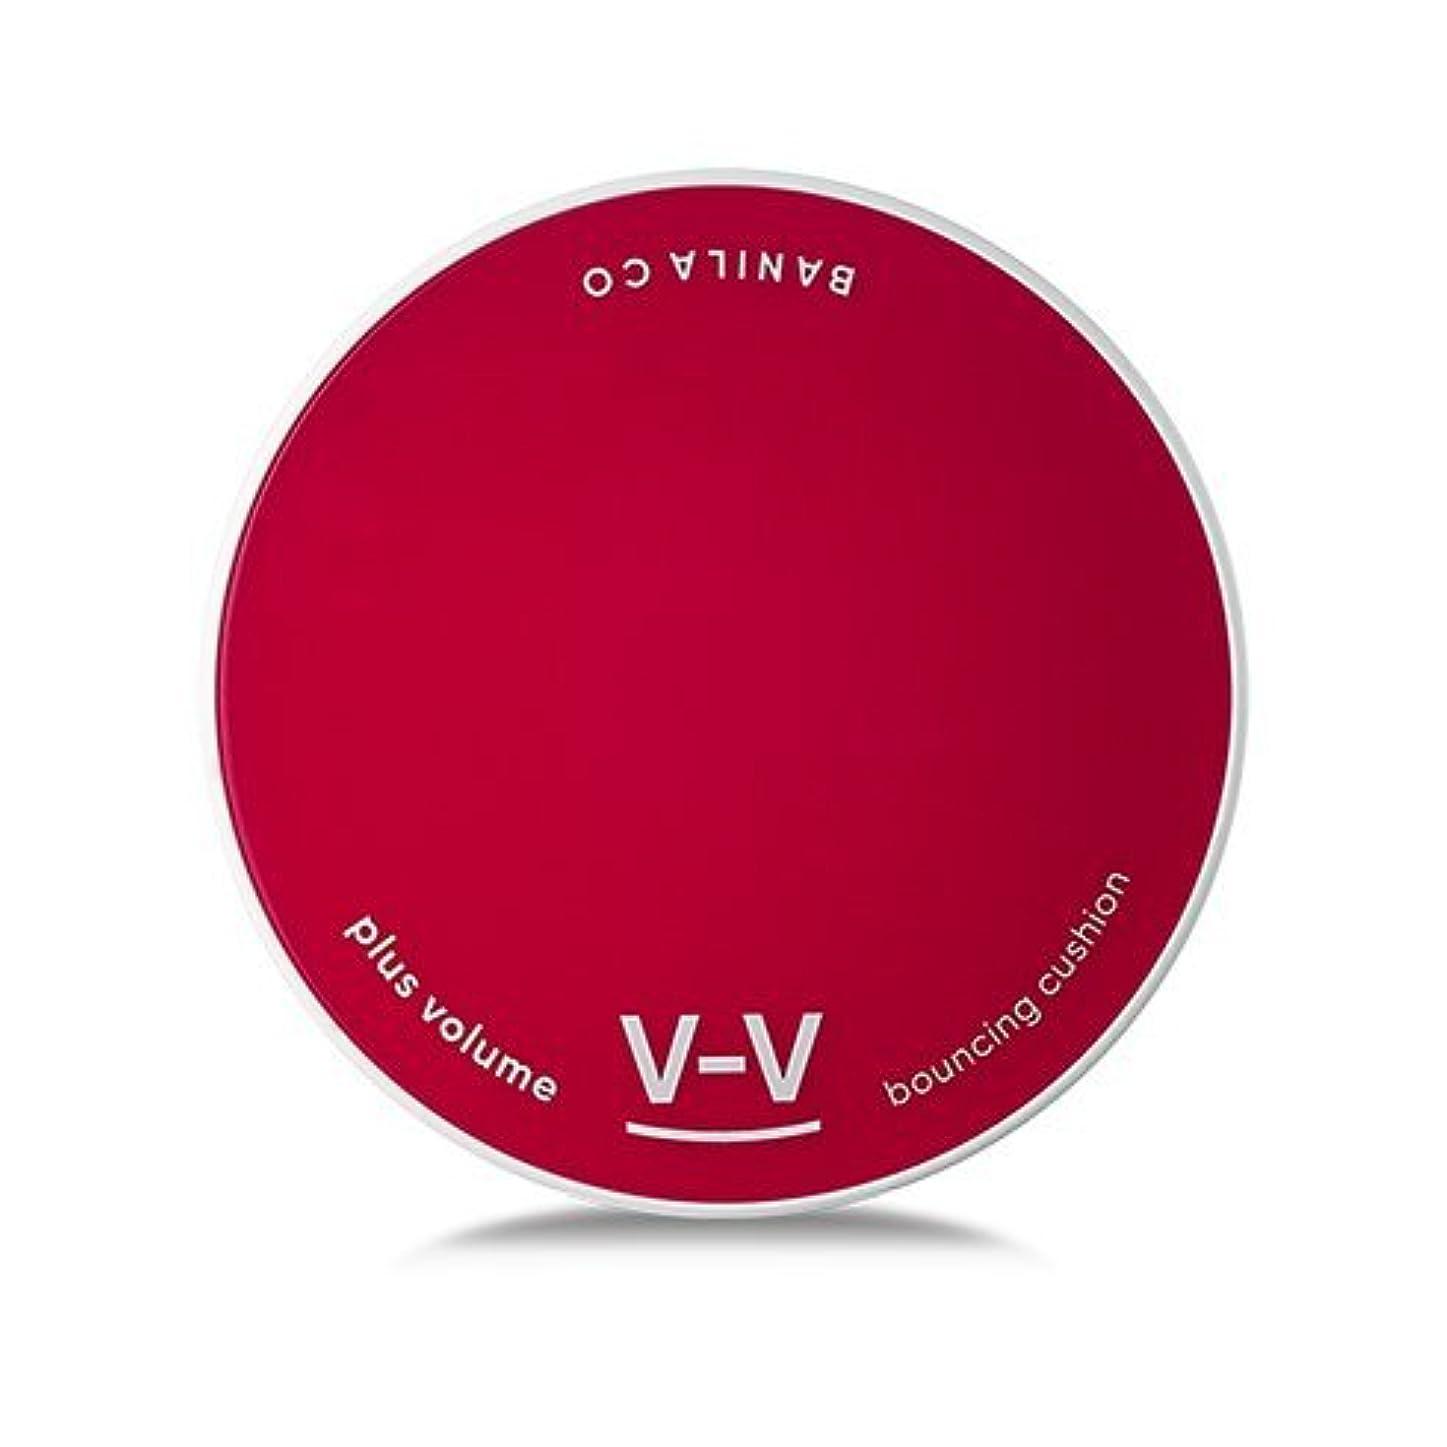 表現表向き持続する[Renewal] BANILA CO V-V Bouncing Cushion 15g + Refill 15g/バニラコ ブイ ブイ バウンシング クッション 15g + リフィル 15g (#BE10) [並行輸入品]